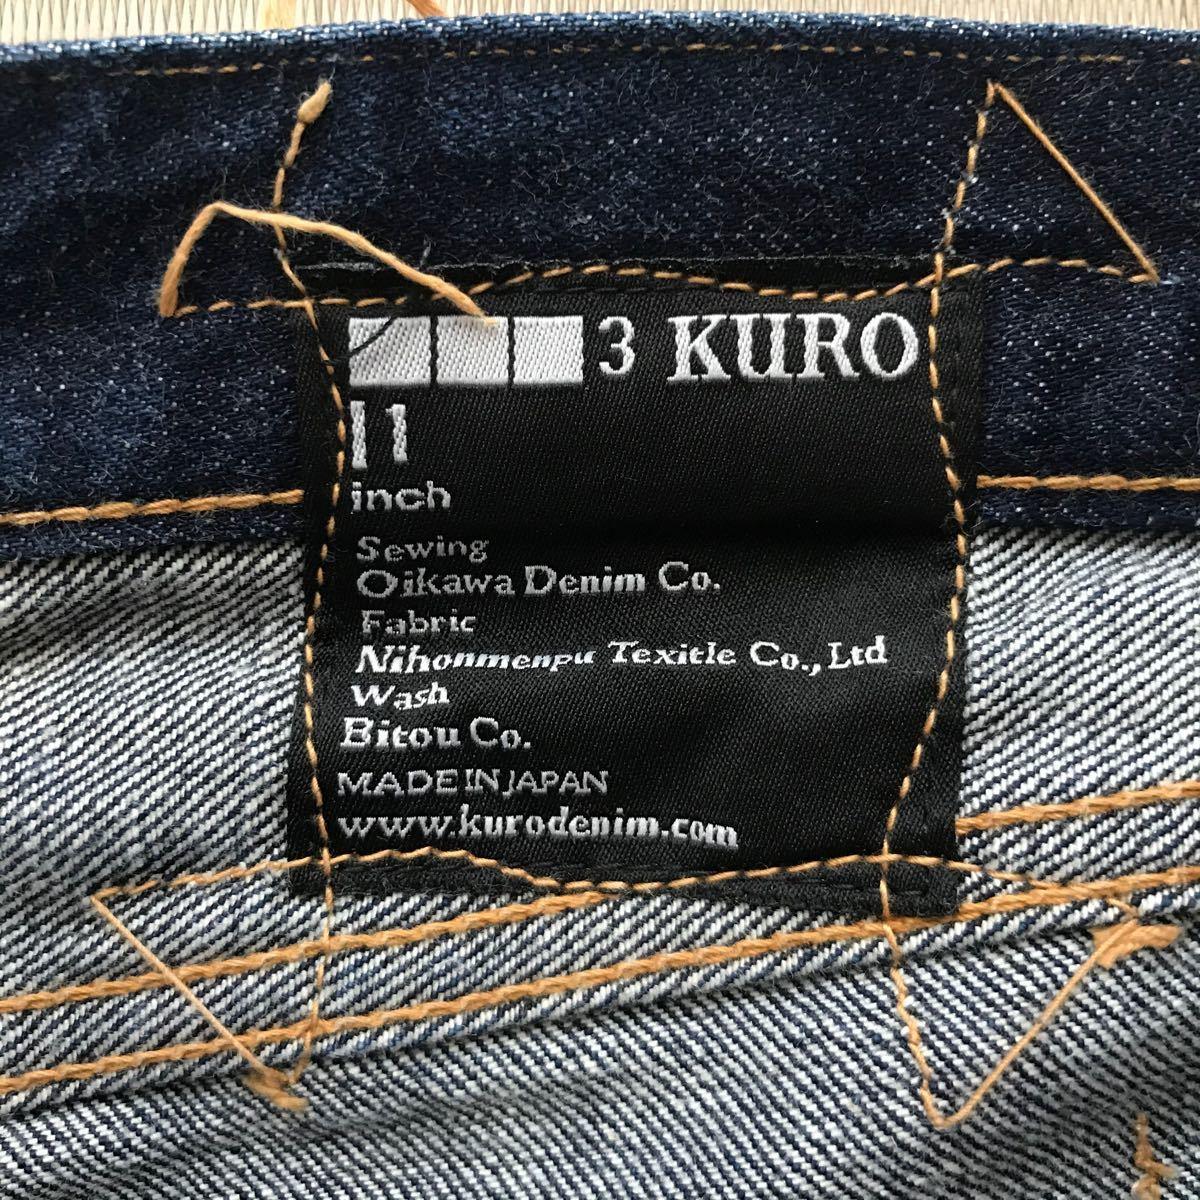 KURO GRAPHITE デニム  ジーンズ 31inch